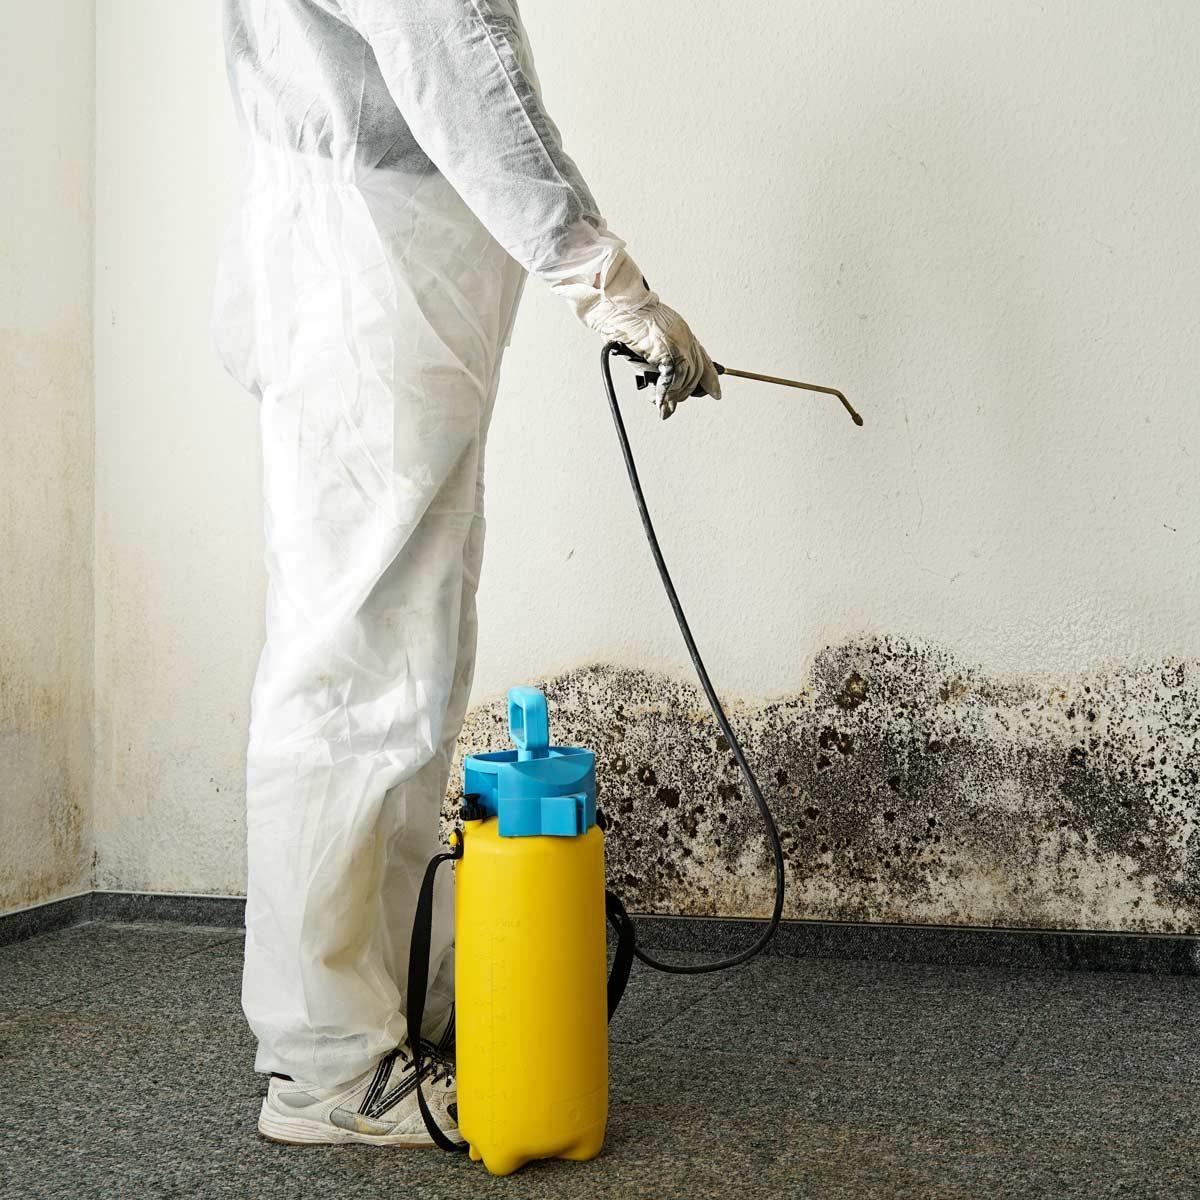 mold killing products spray